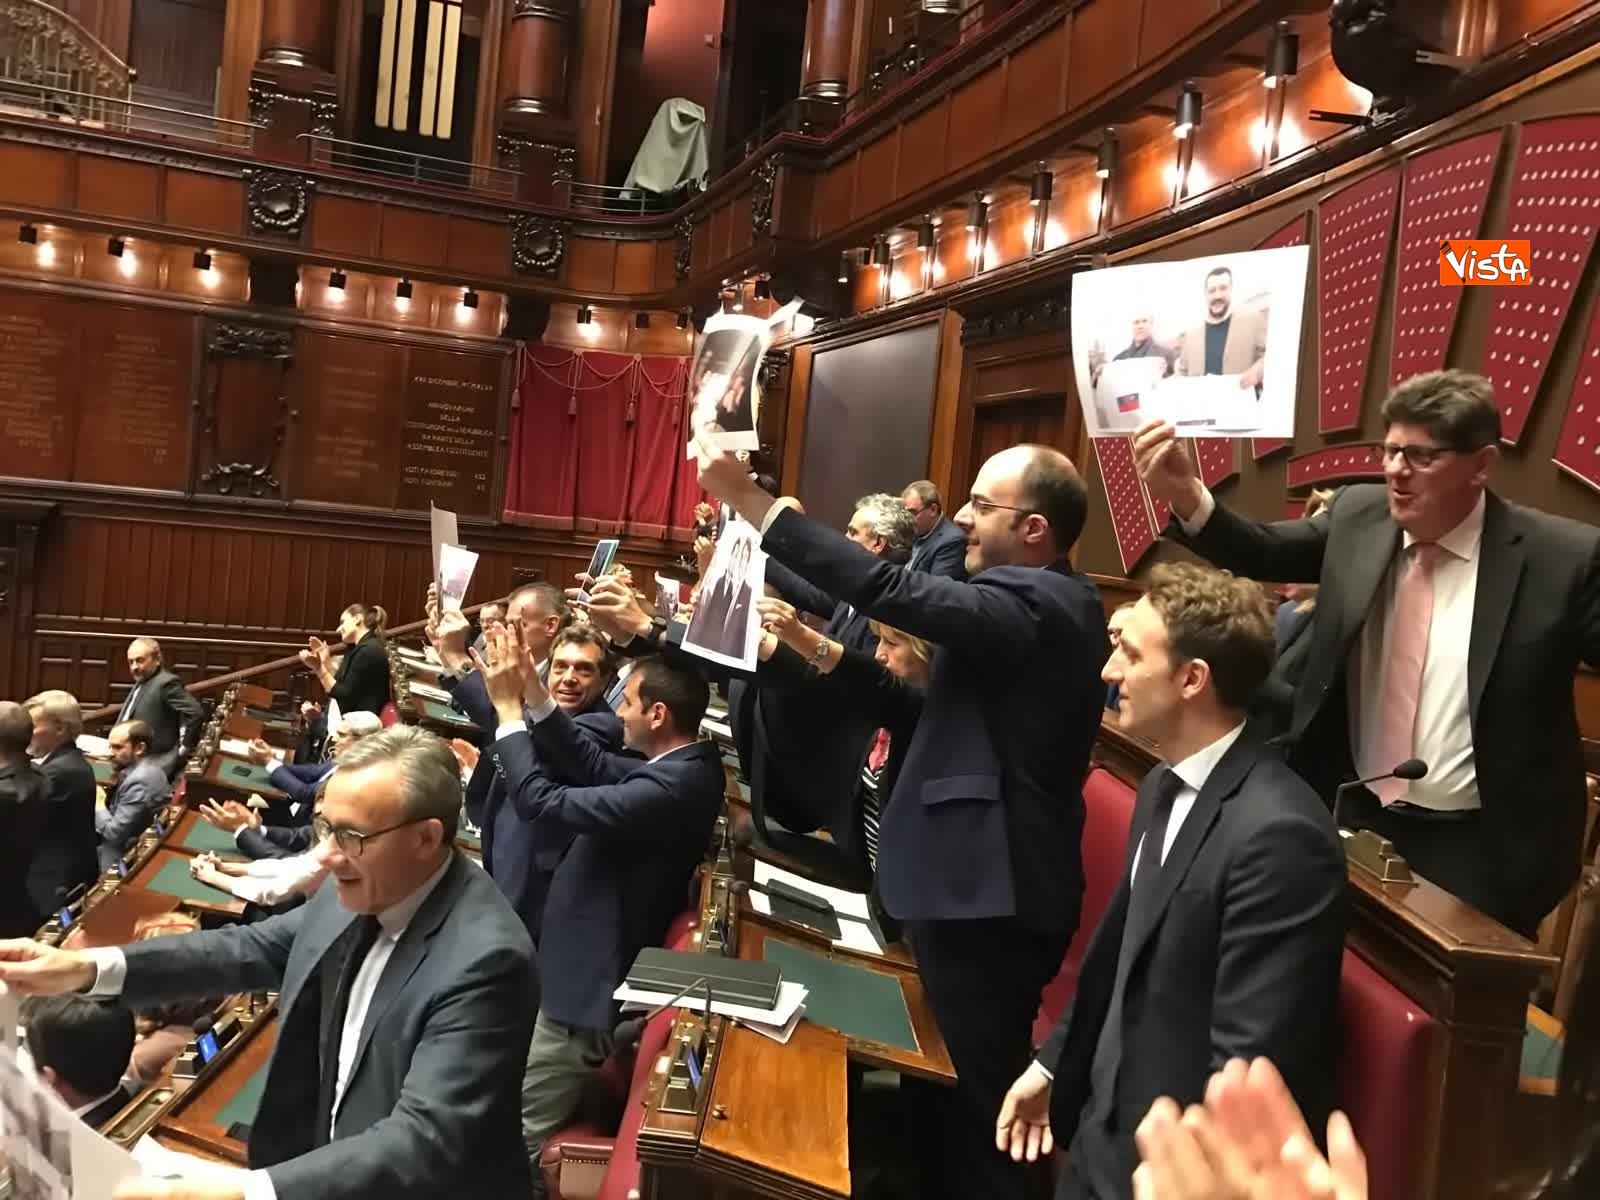 16-07-19 Caso Russia, protesta del PD in Aula, i deputati alzano foto di Salvini e Savoini insieme